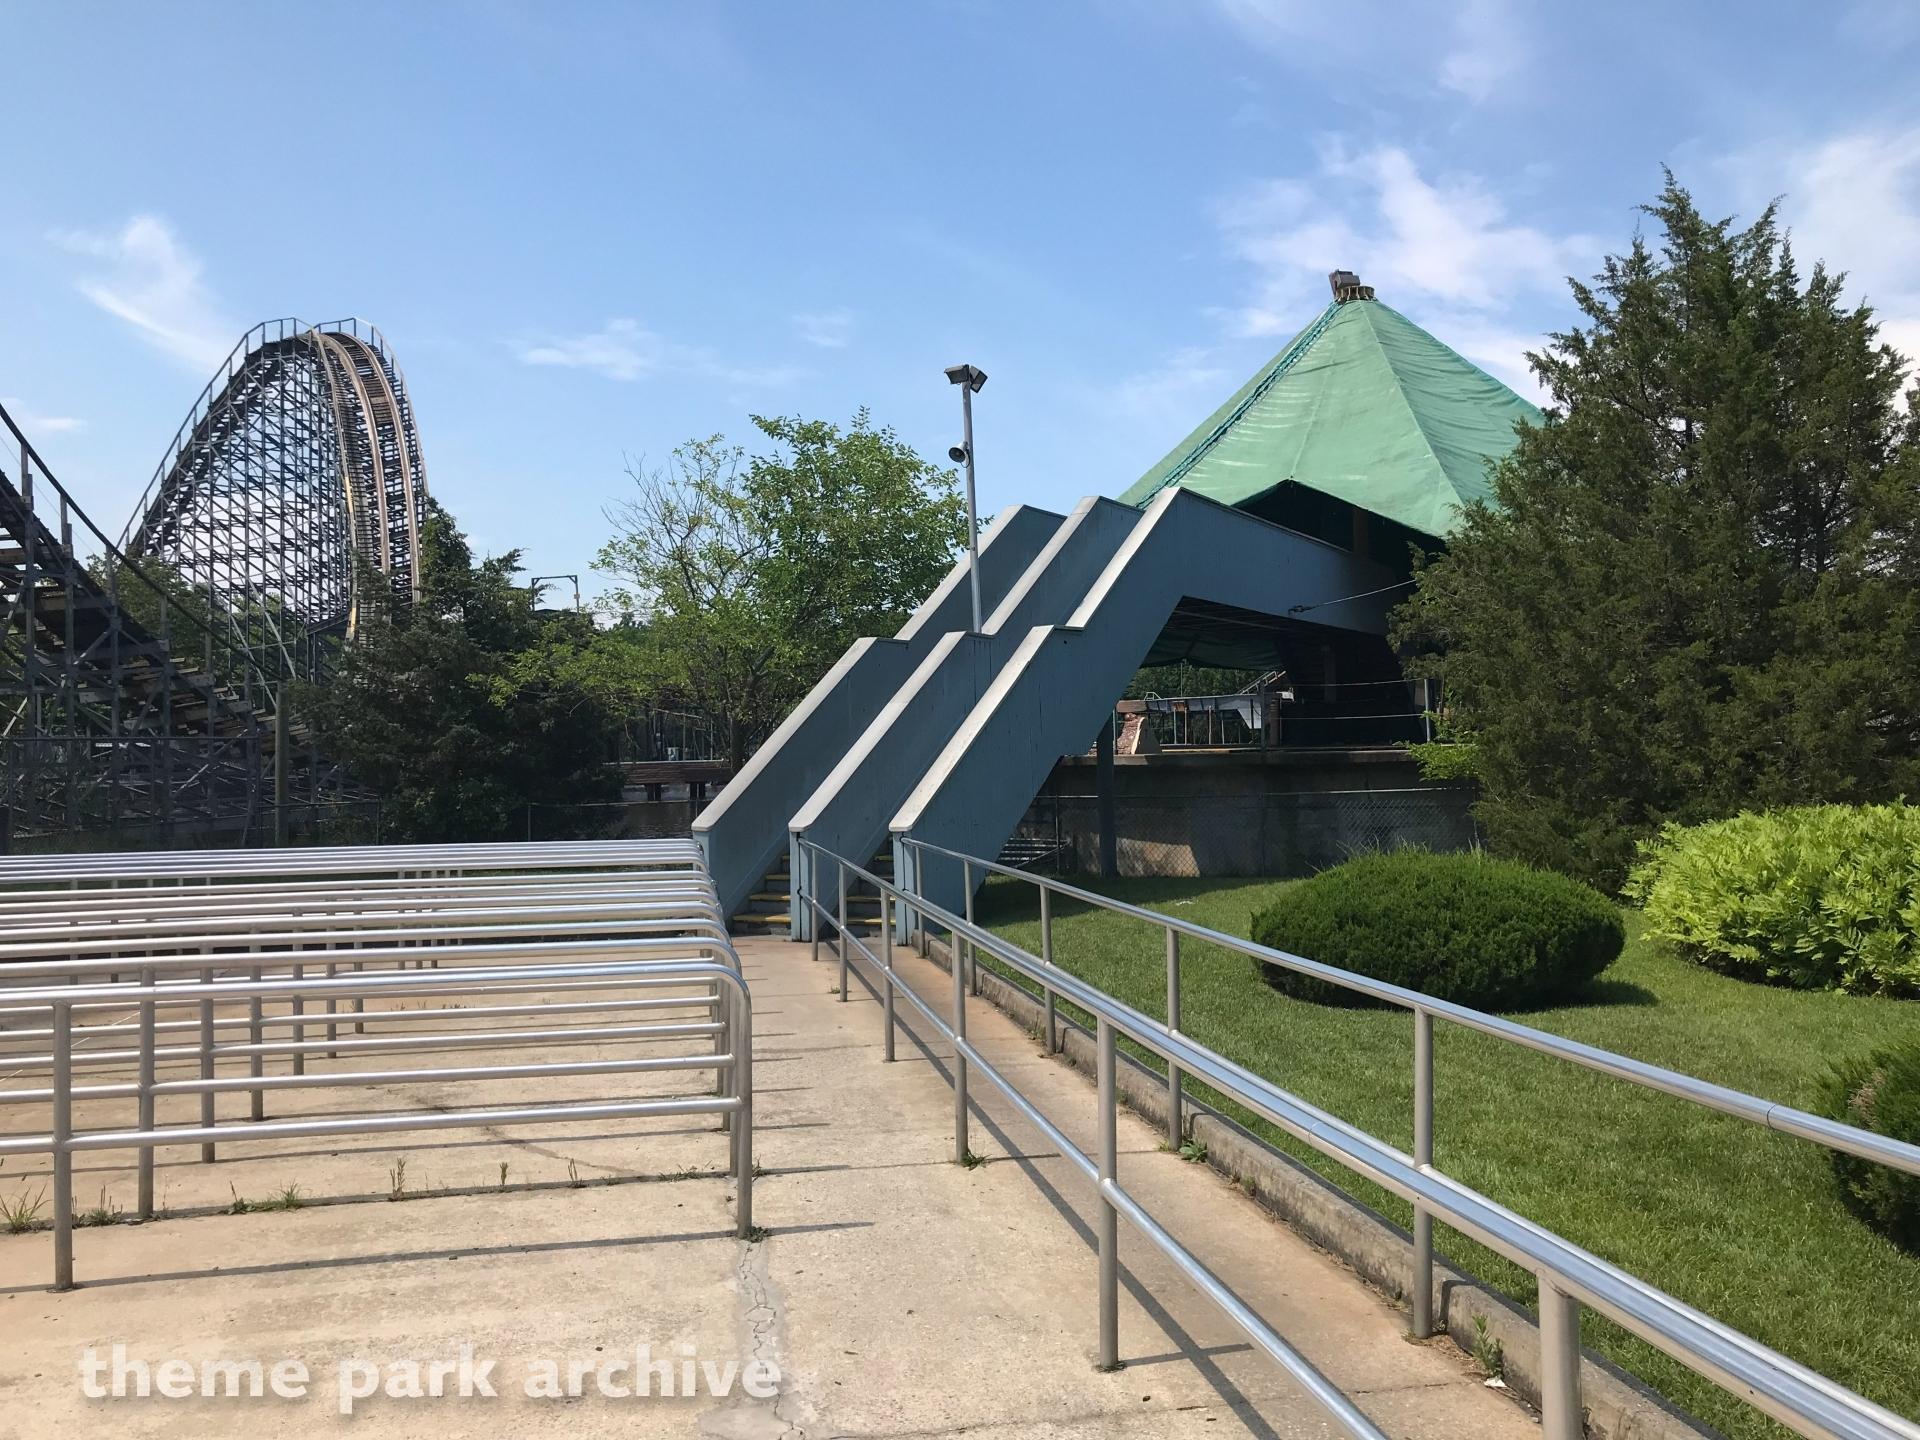 King Neptune's Revenge at Clementon Park & Splash World